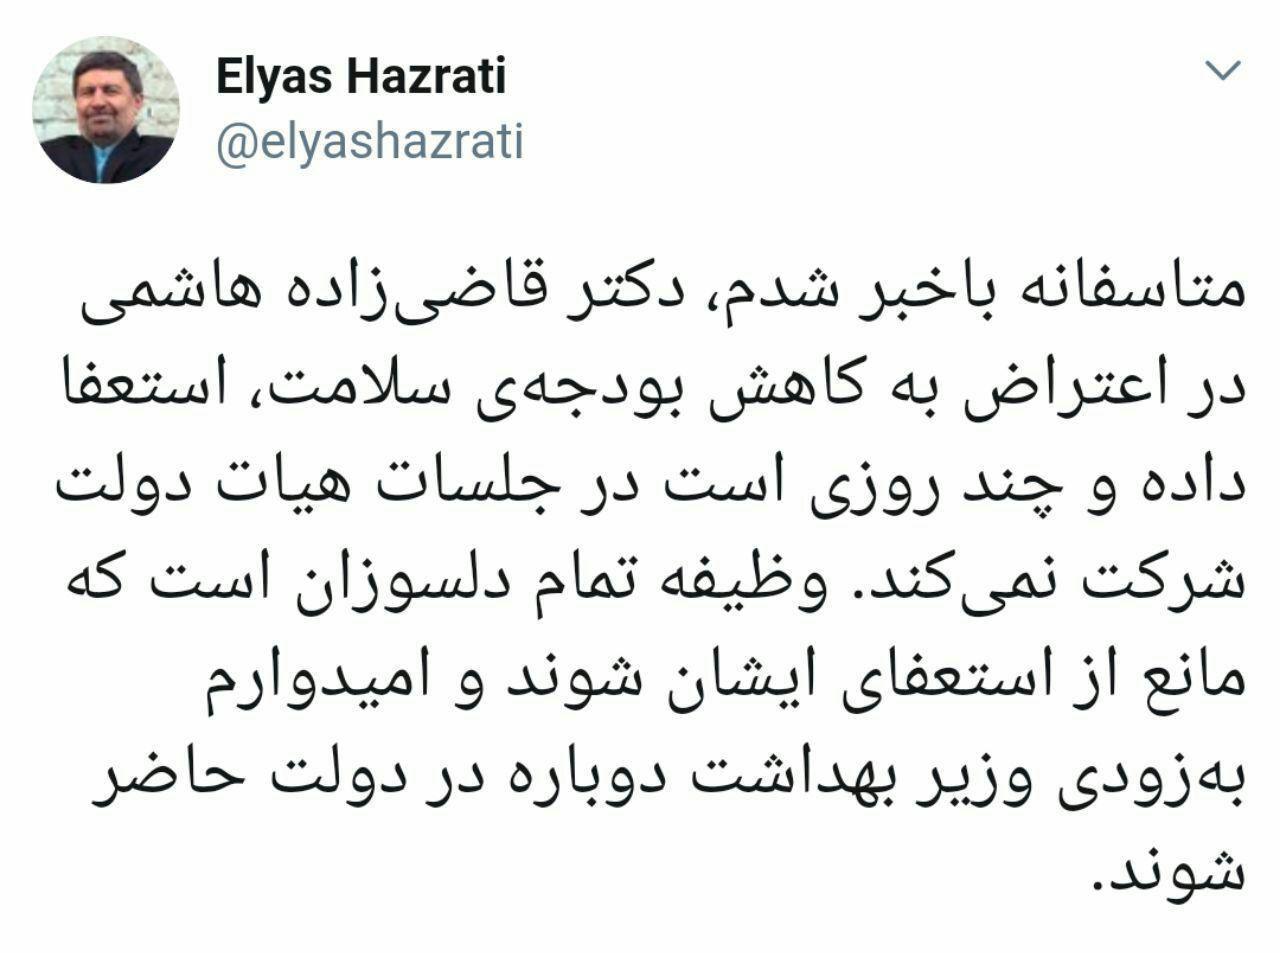 ماجرای استعفای وزیر بهداشت/ سلامت مردم قربانی پول و سیاسی کاریها میشود؟ - 3